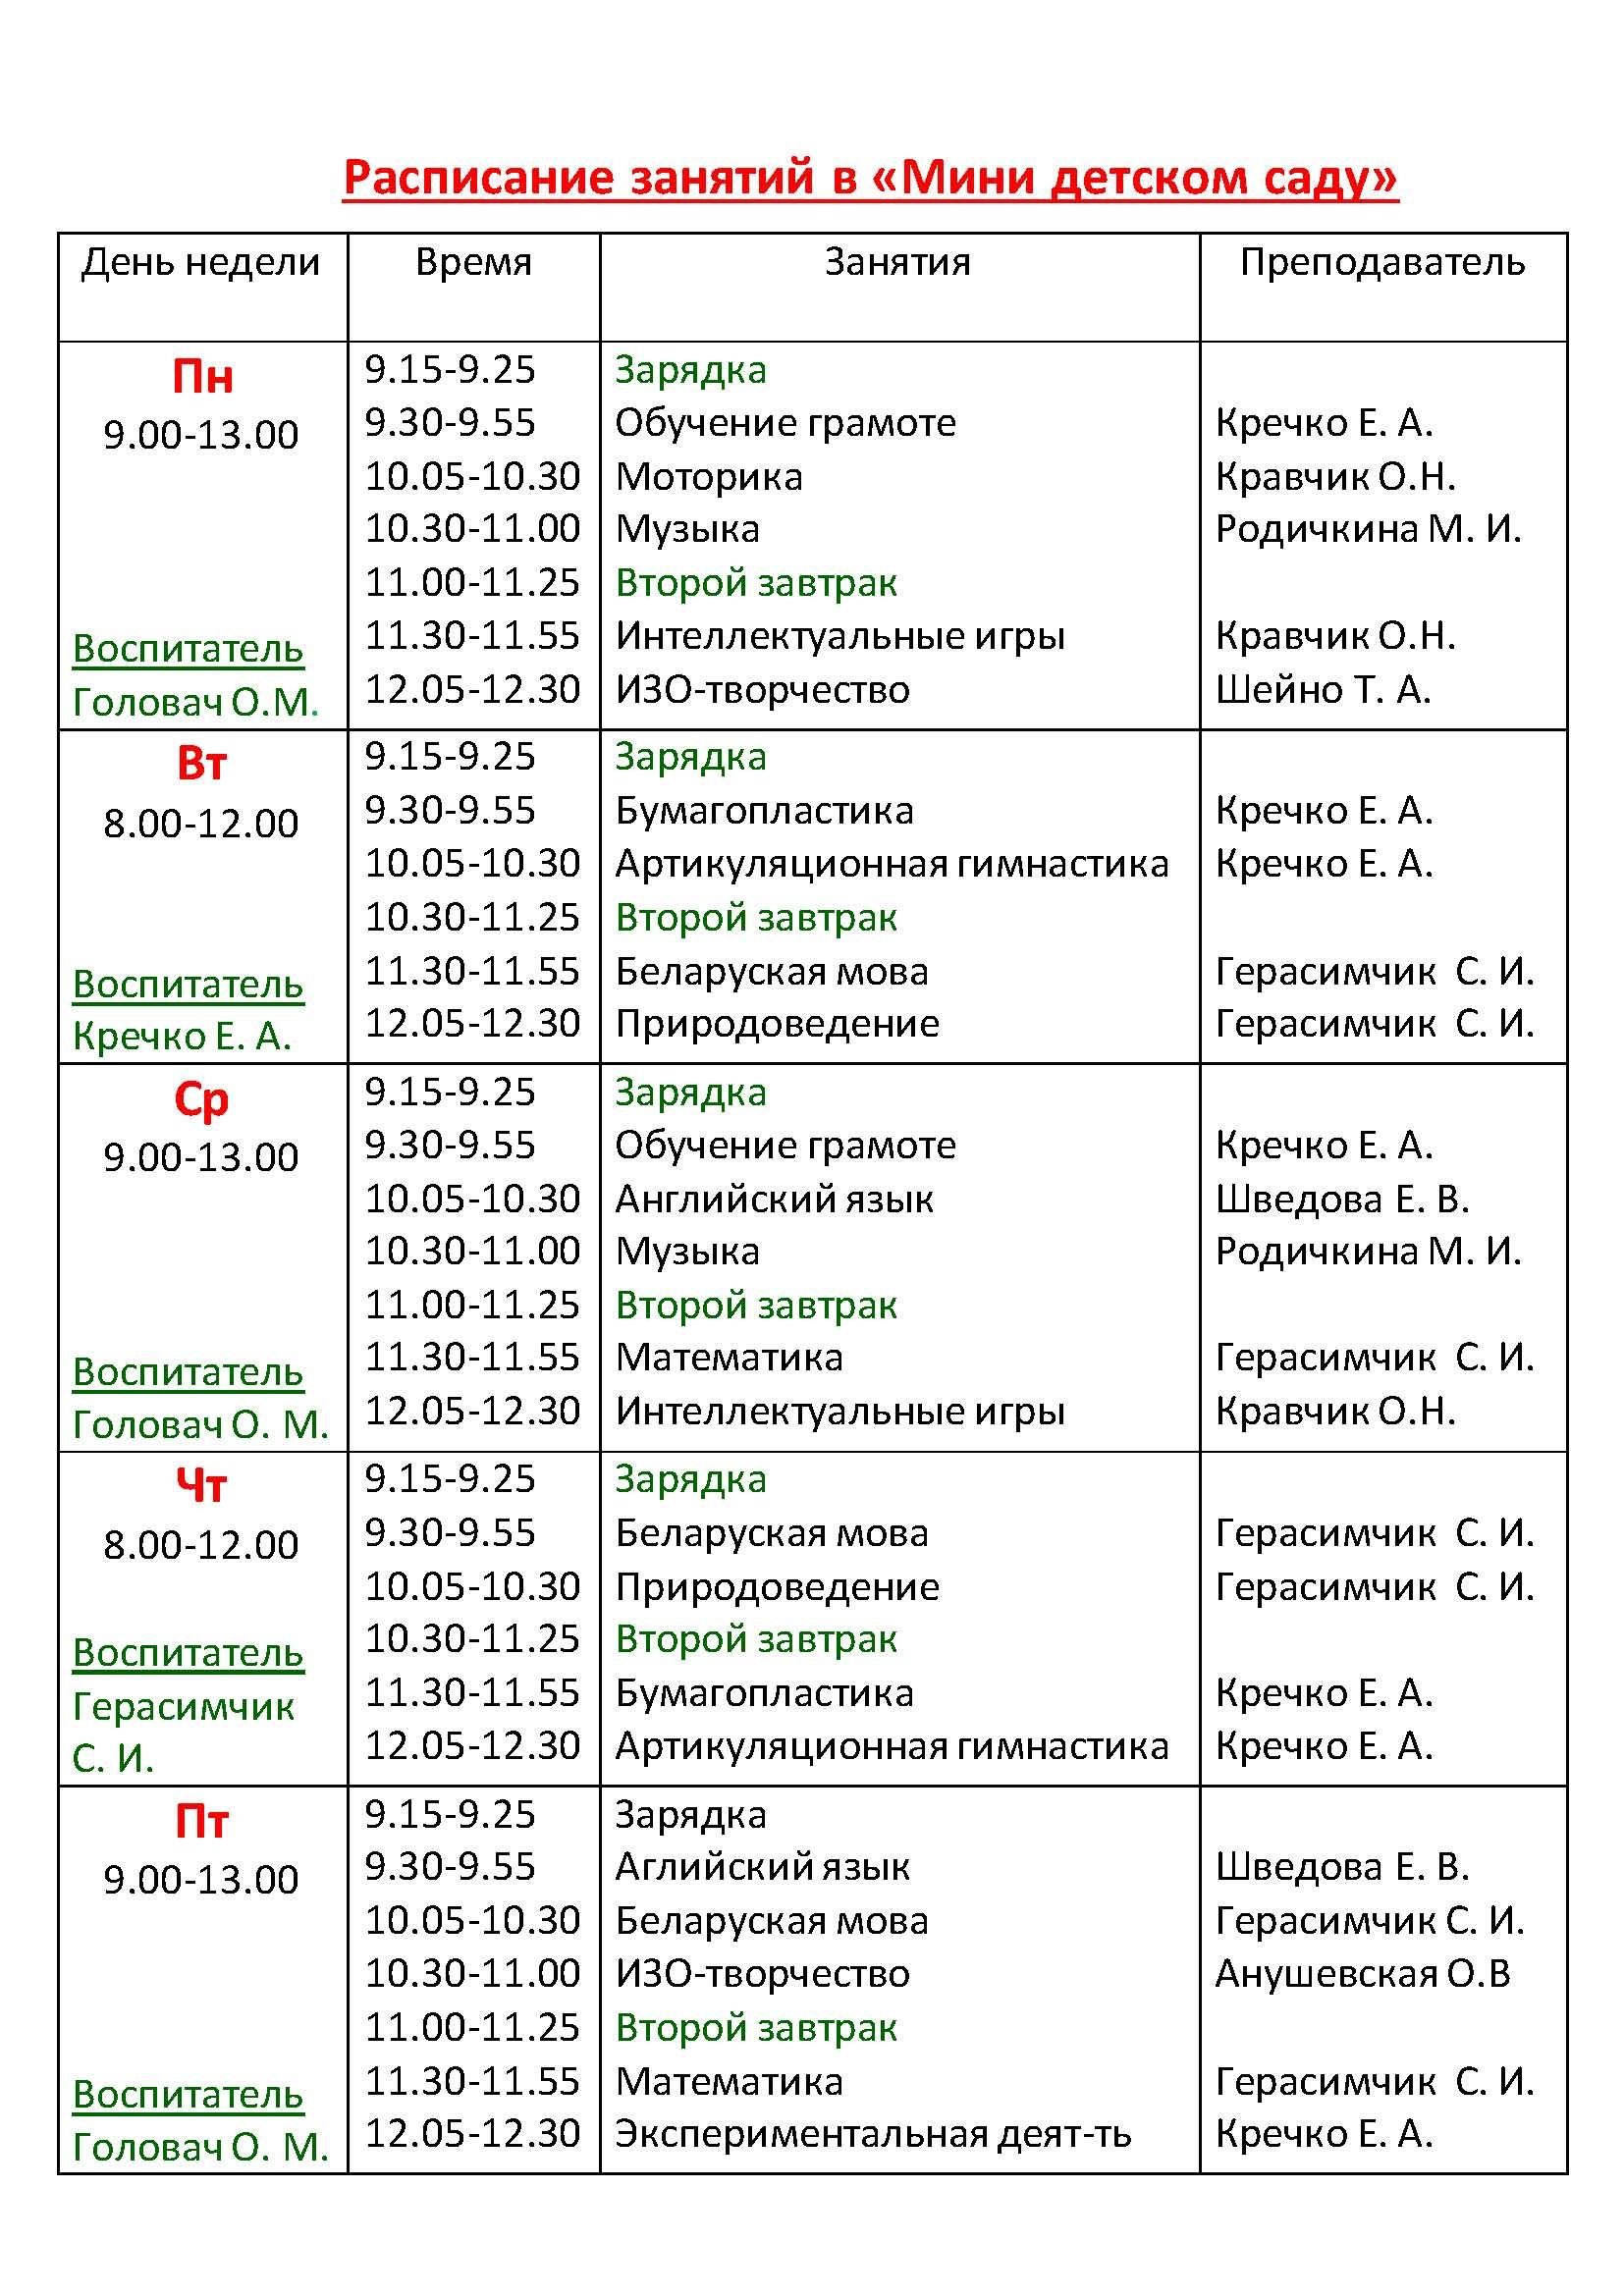 Расписание занятий в Мини детском саду